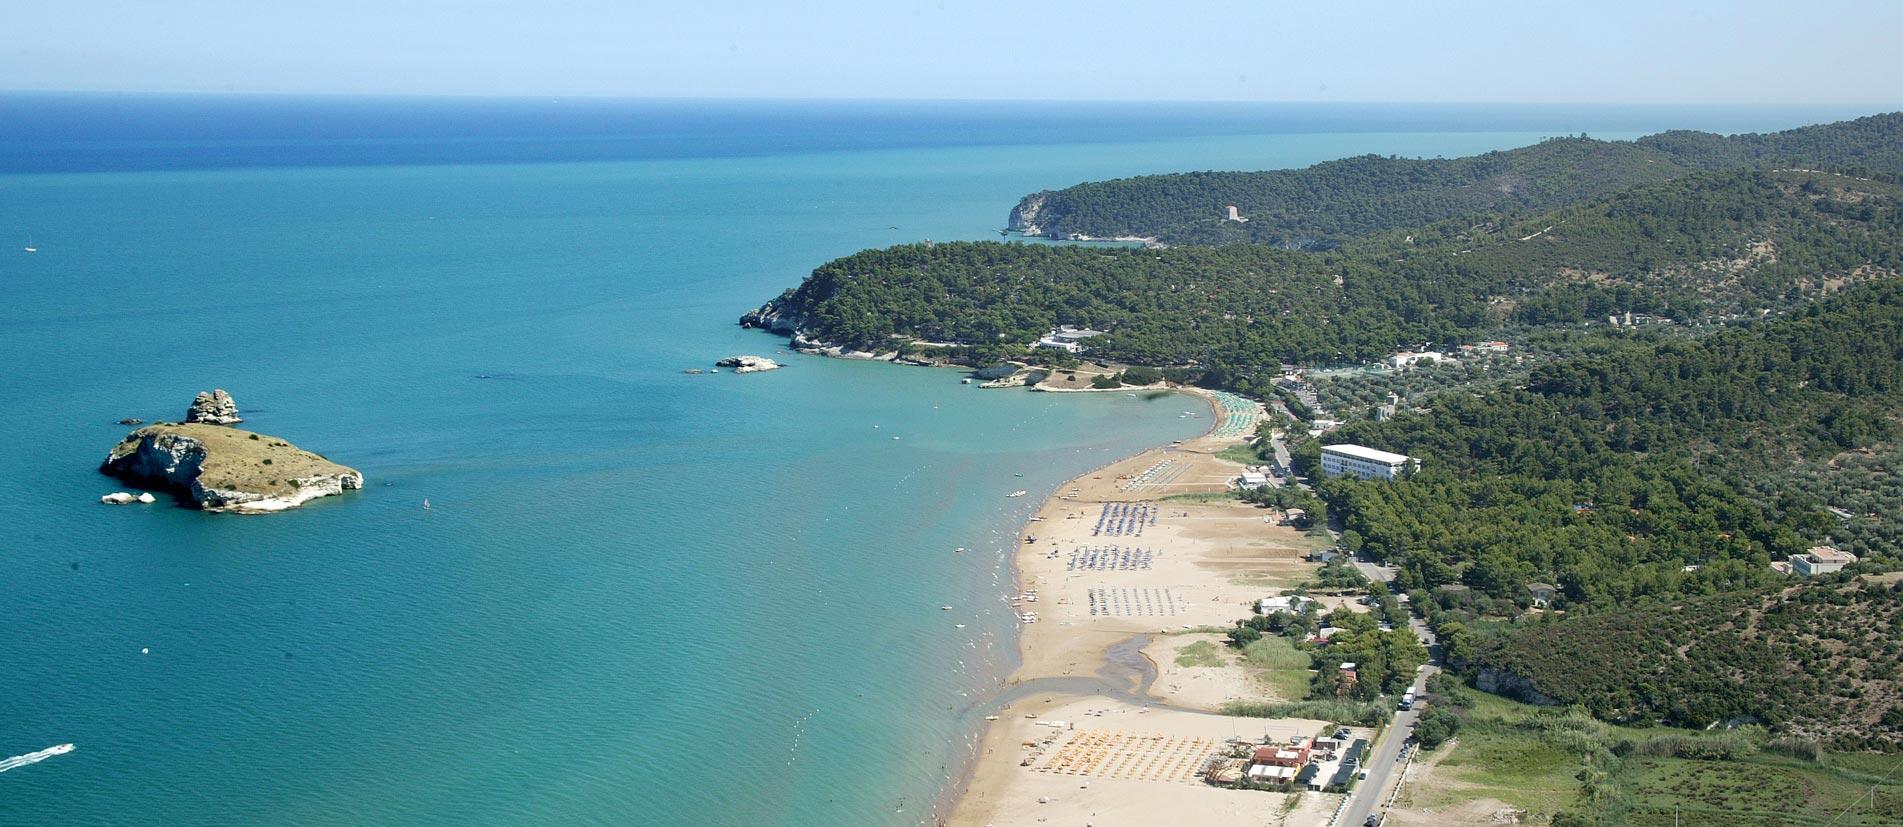 Hotel sul mare per vacanze a vieste sul gargano hotel for Hotel barcellona sul mare